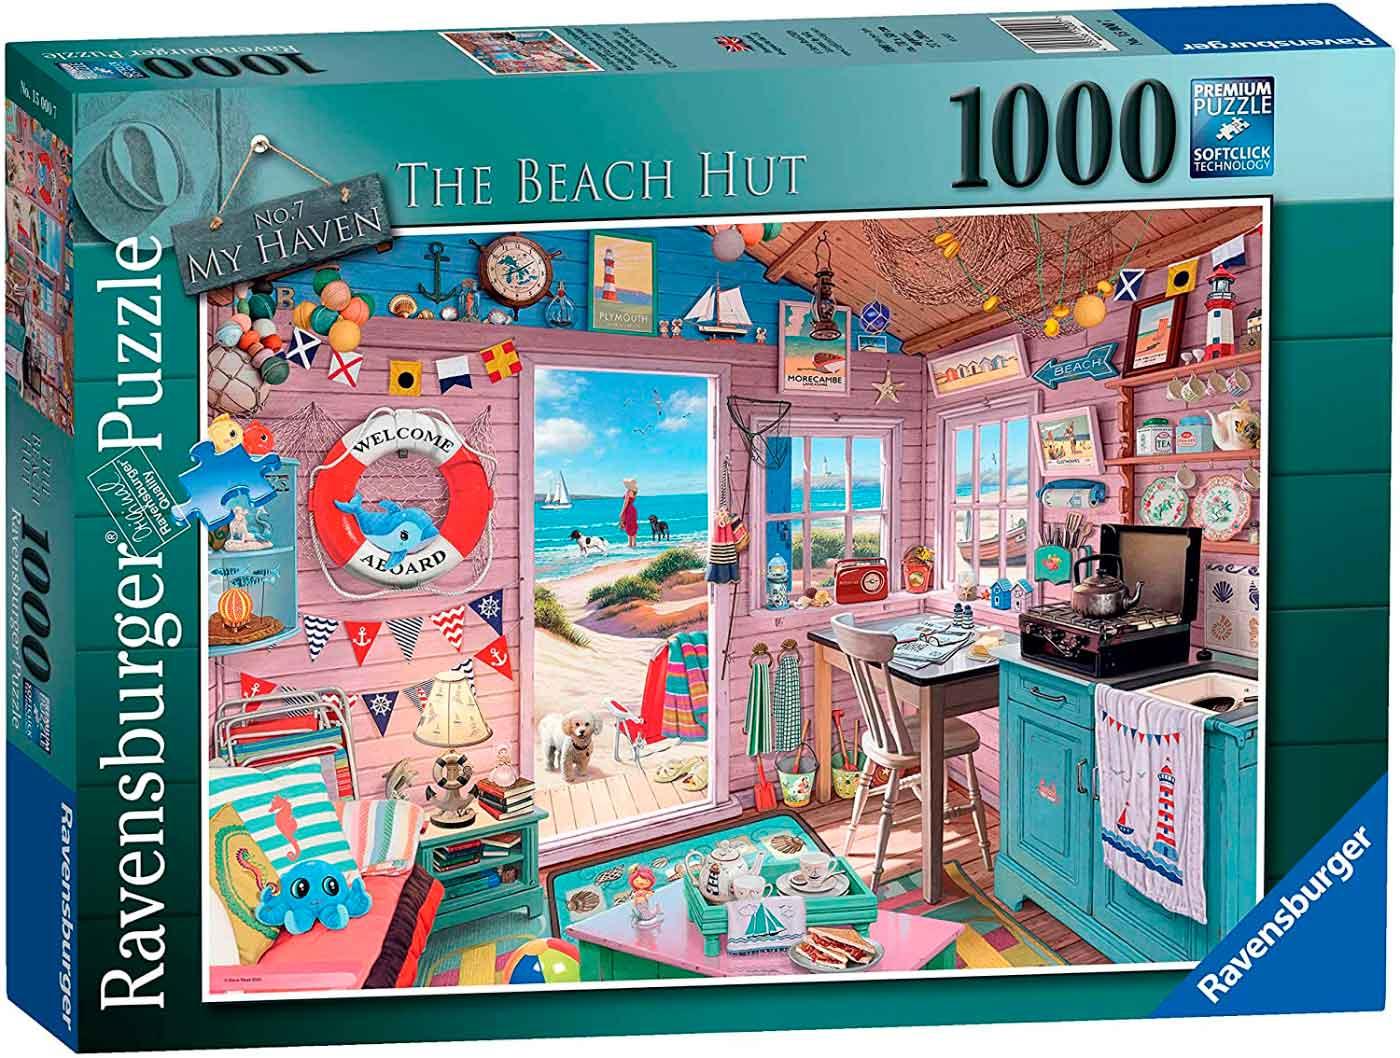 Puzzle Ravensburger La Cabaña de la Playa de 1000 Piezas